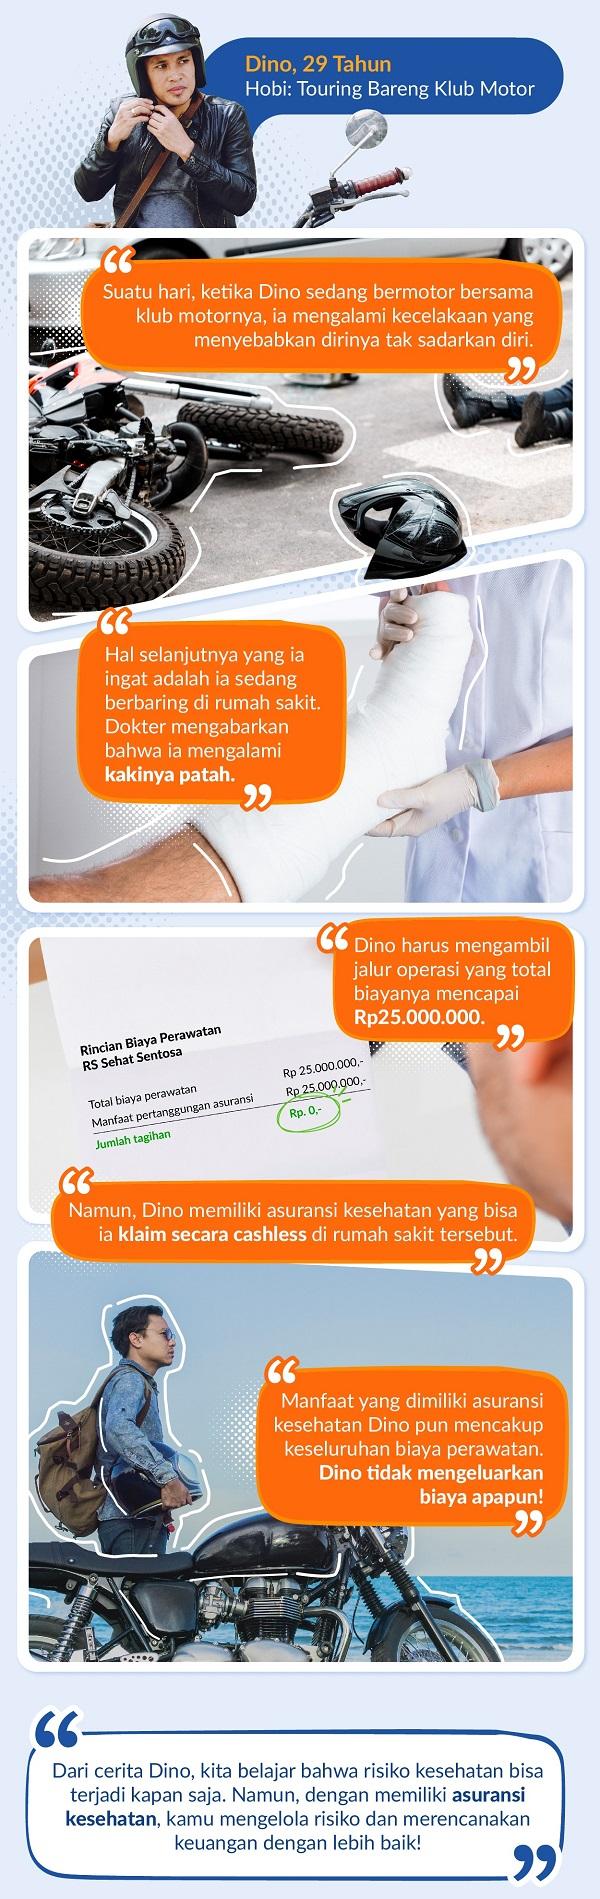 Cerita Dino tentang Manfaat Pentingnya Asuransi Kesehatan